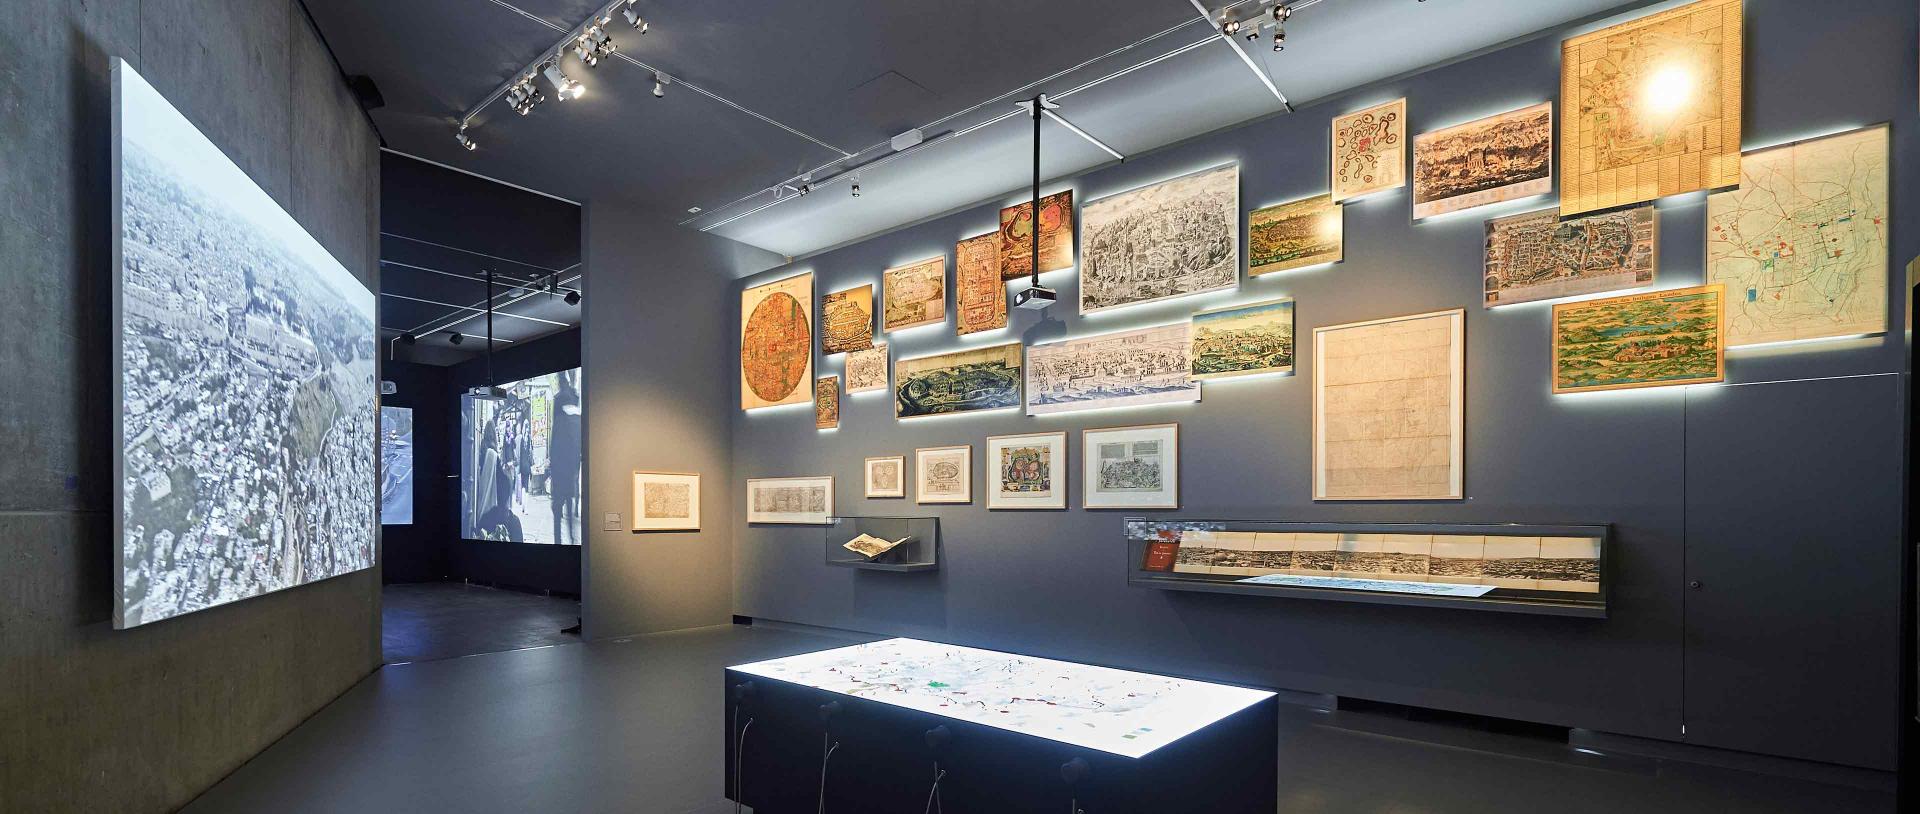 Einer der Ausstellungsräume enthält eine Reihe historischer Karten